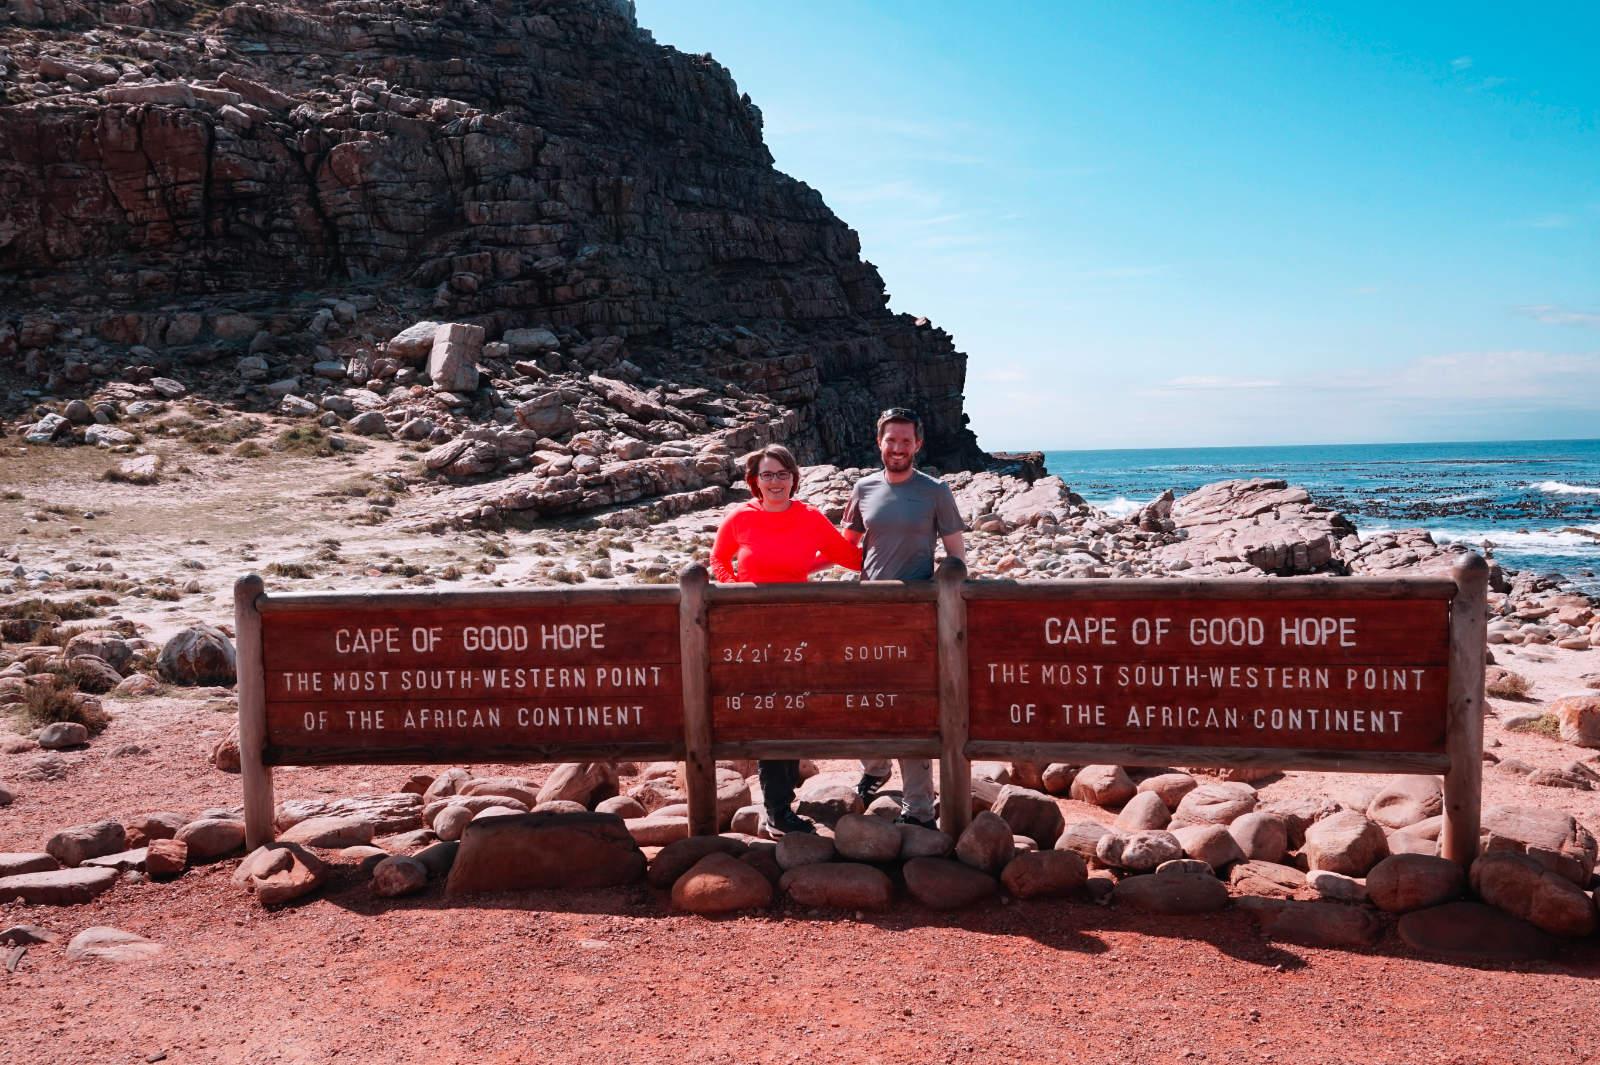 Fotopunkt am Kap der Guten Hoffnung